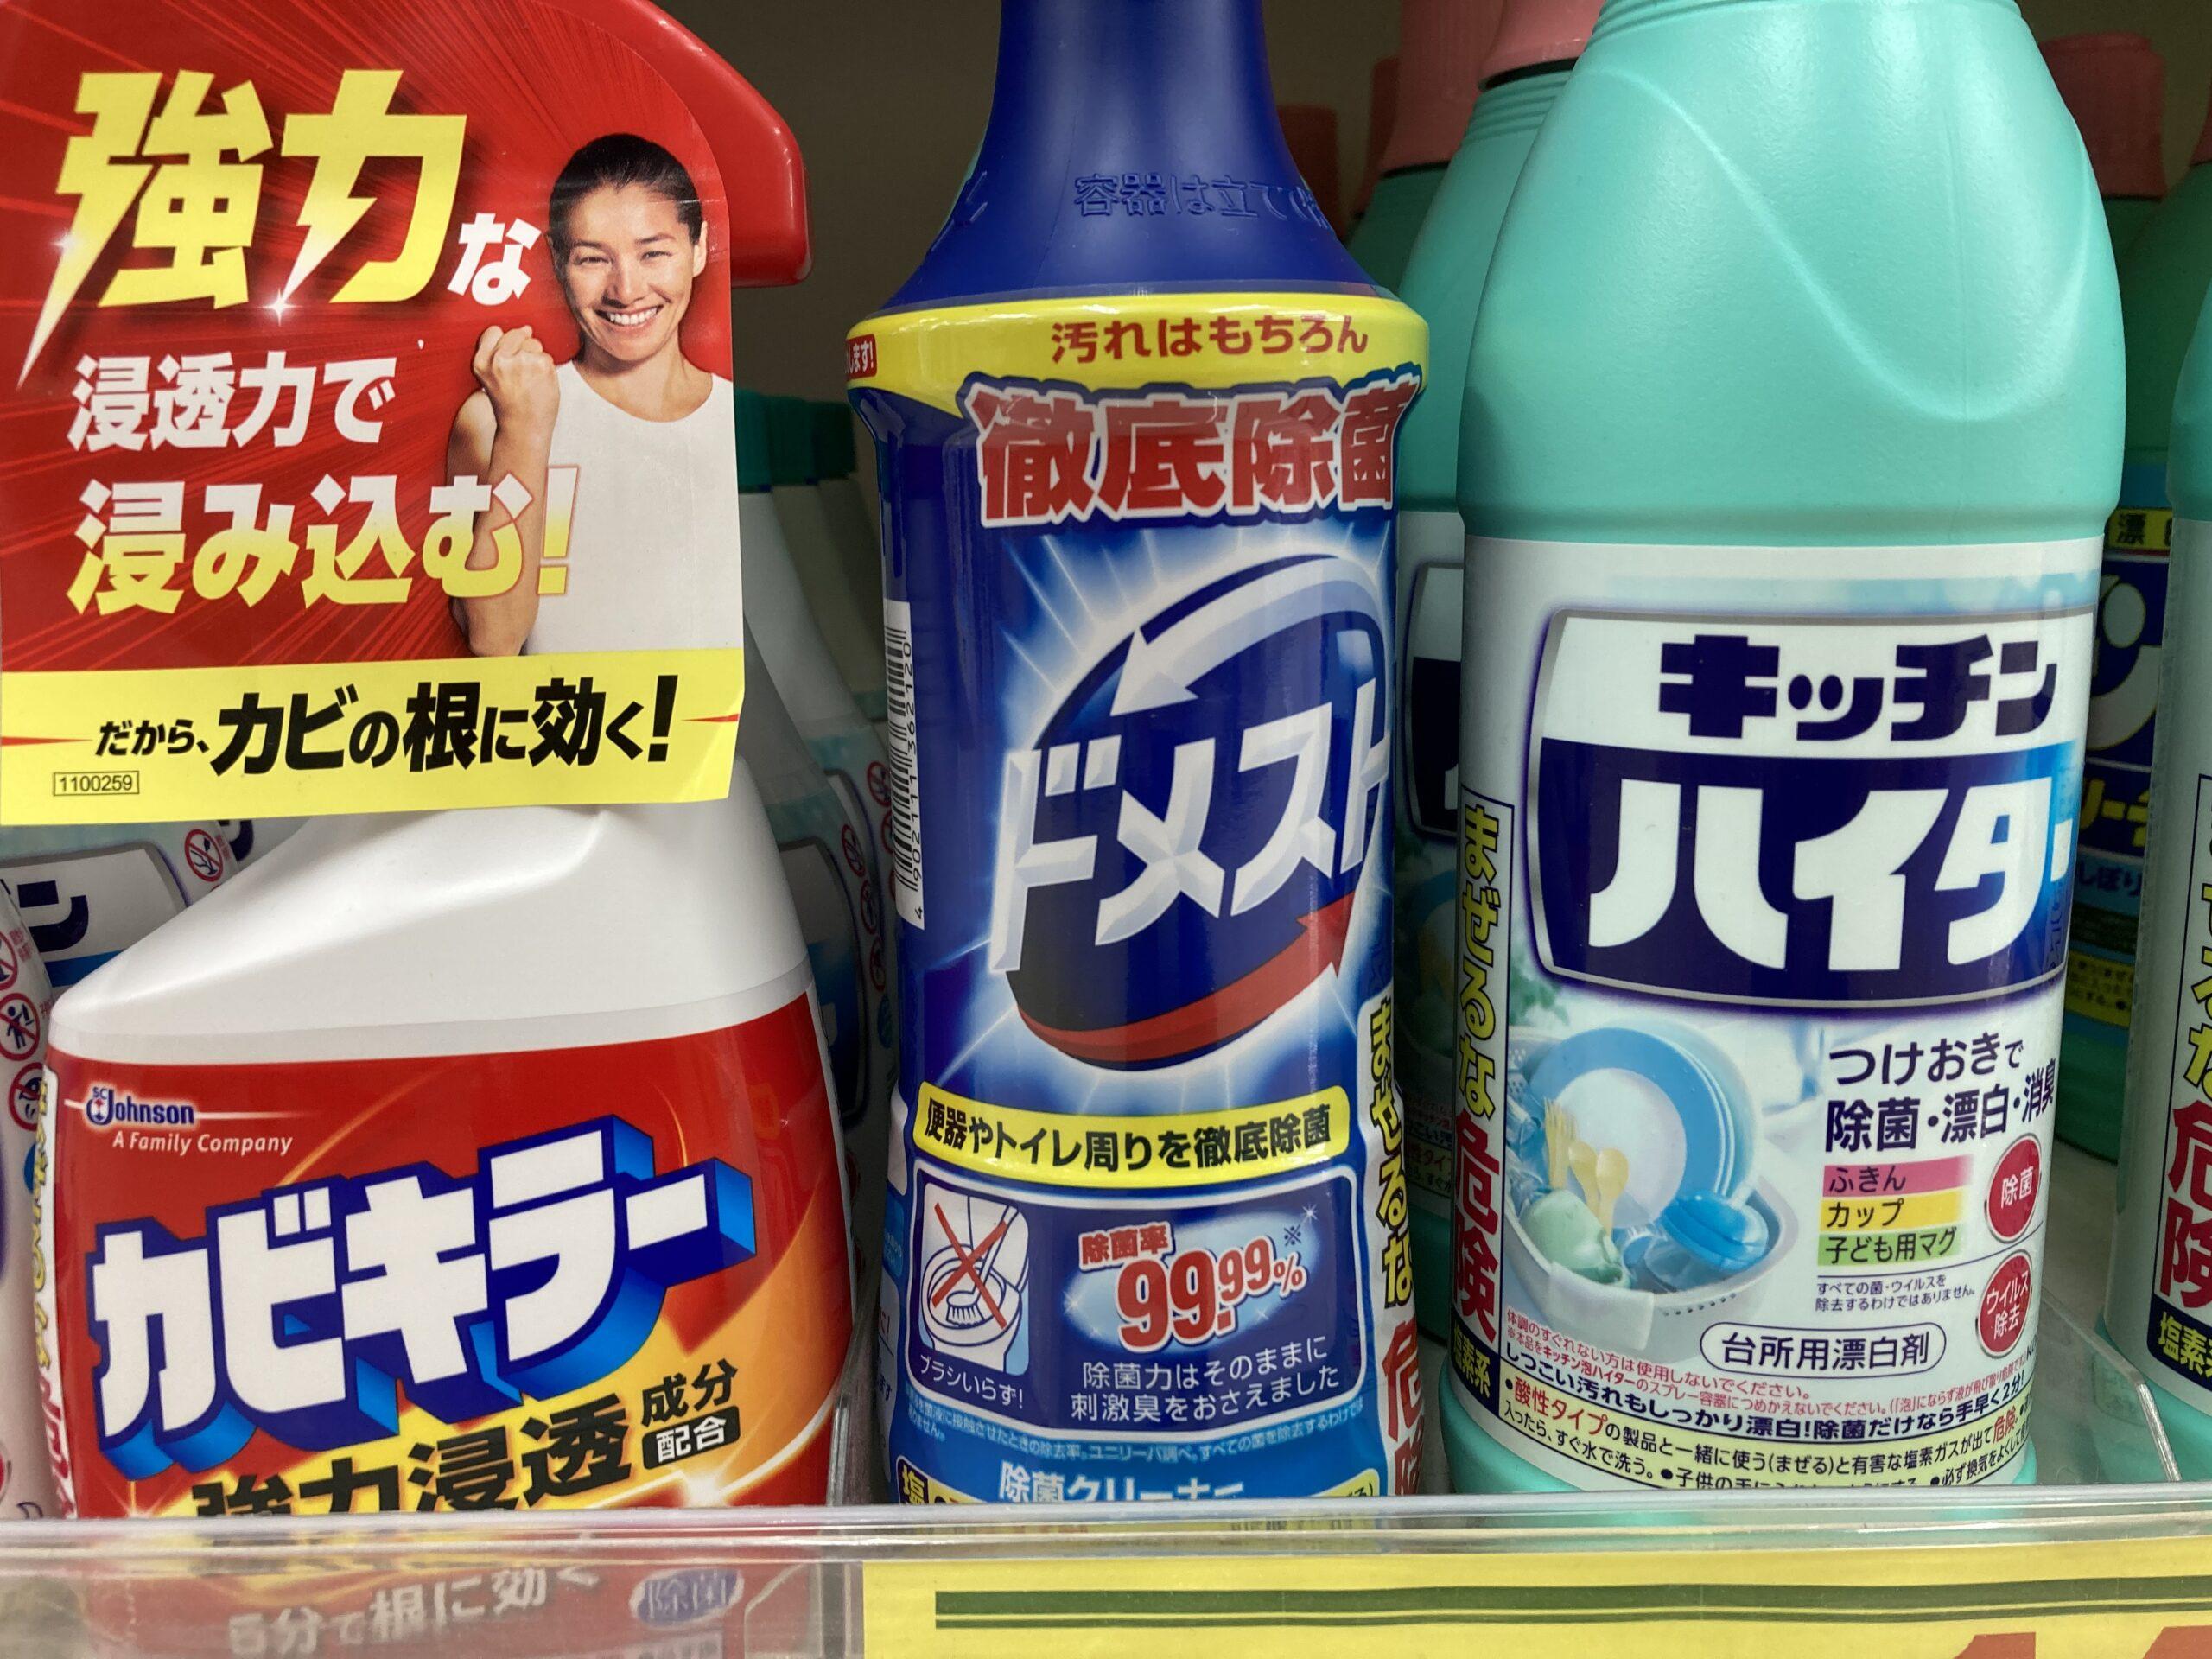 塩素系漂白剤,酸素系漂白剤